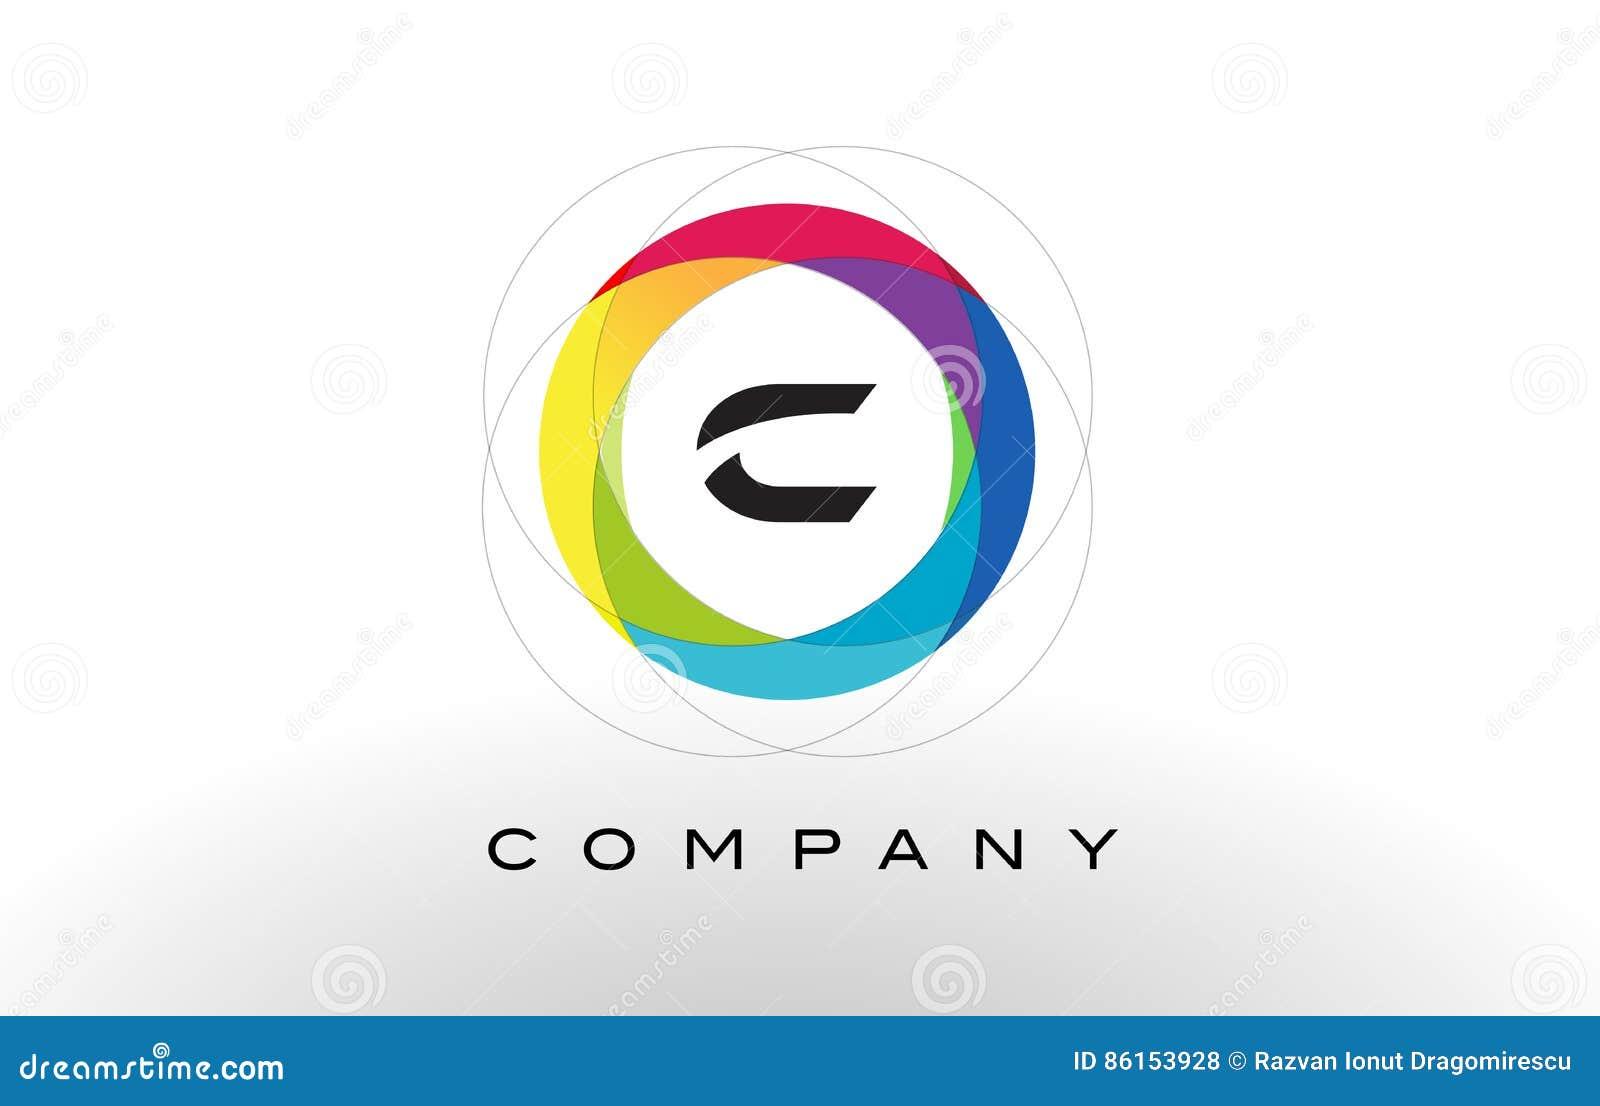 Logo Della Lettera Di C Con Progettazione Del Cerchio Dell